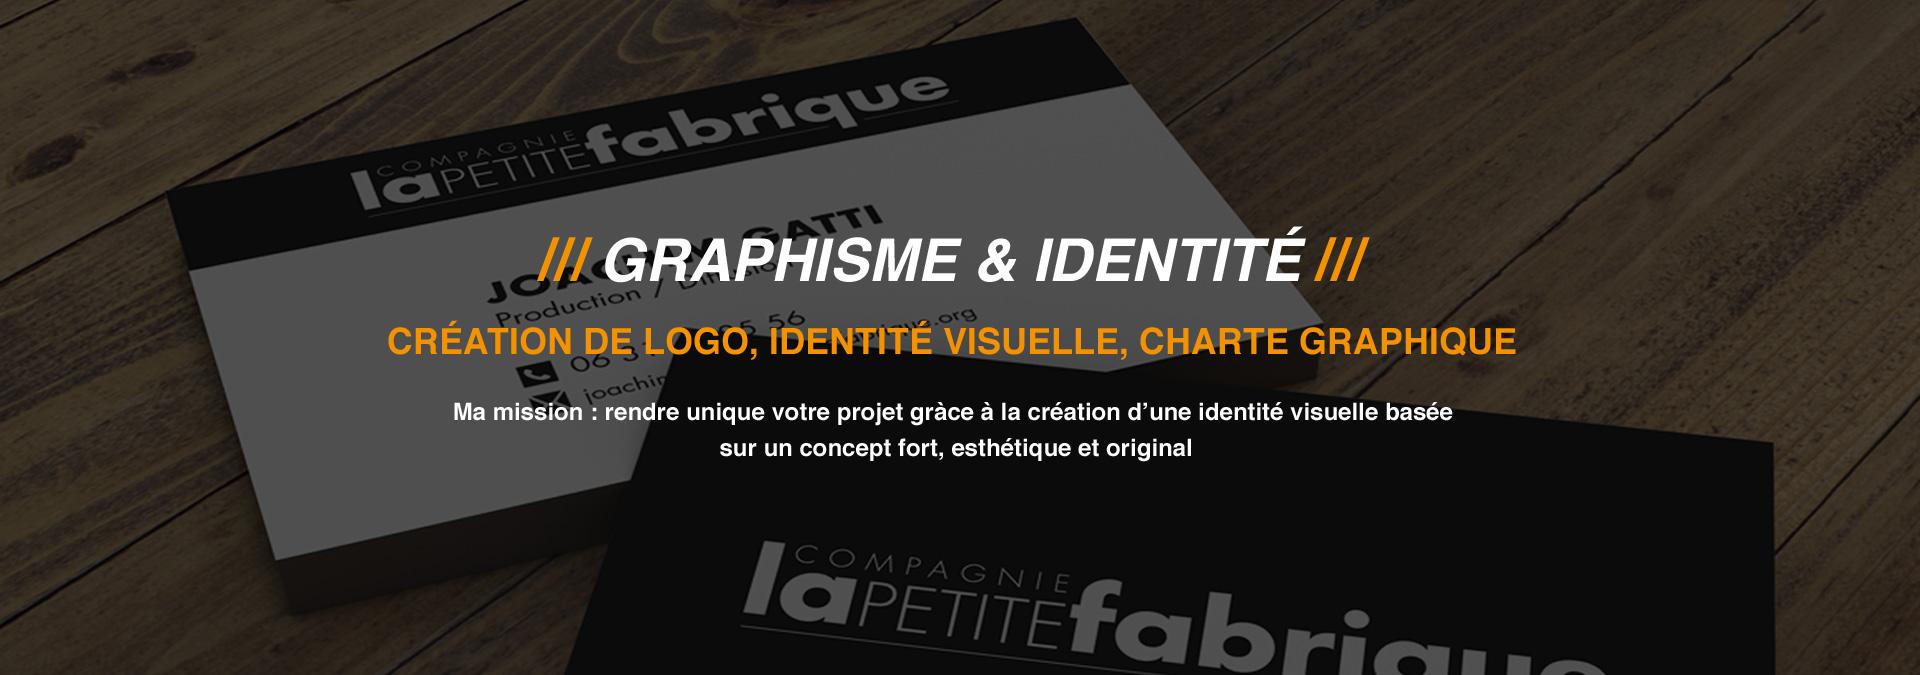 Graphisme et identité visuelle